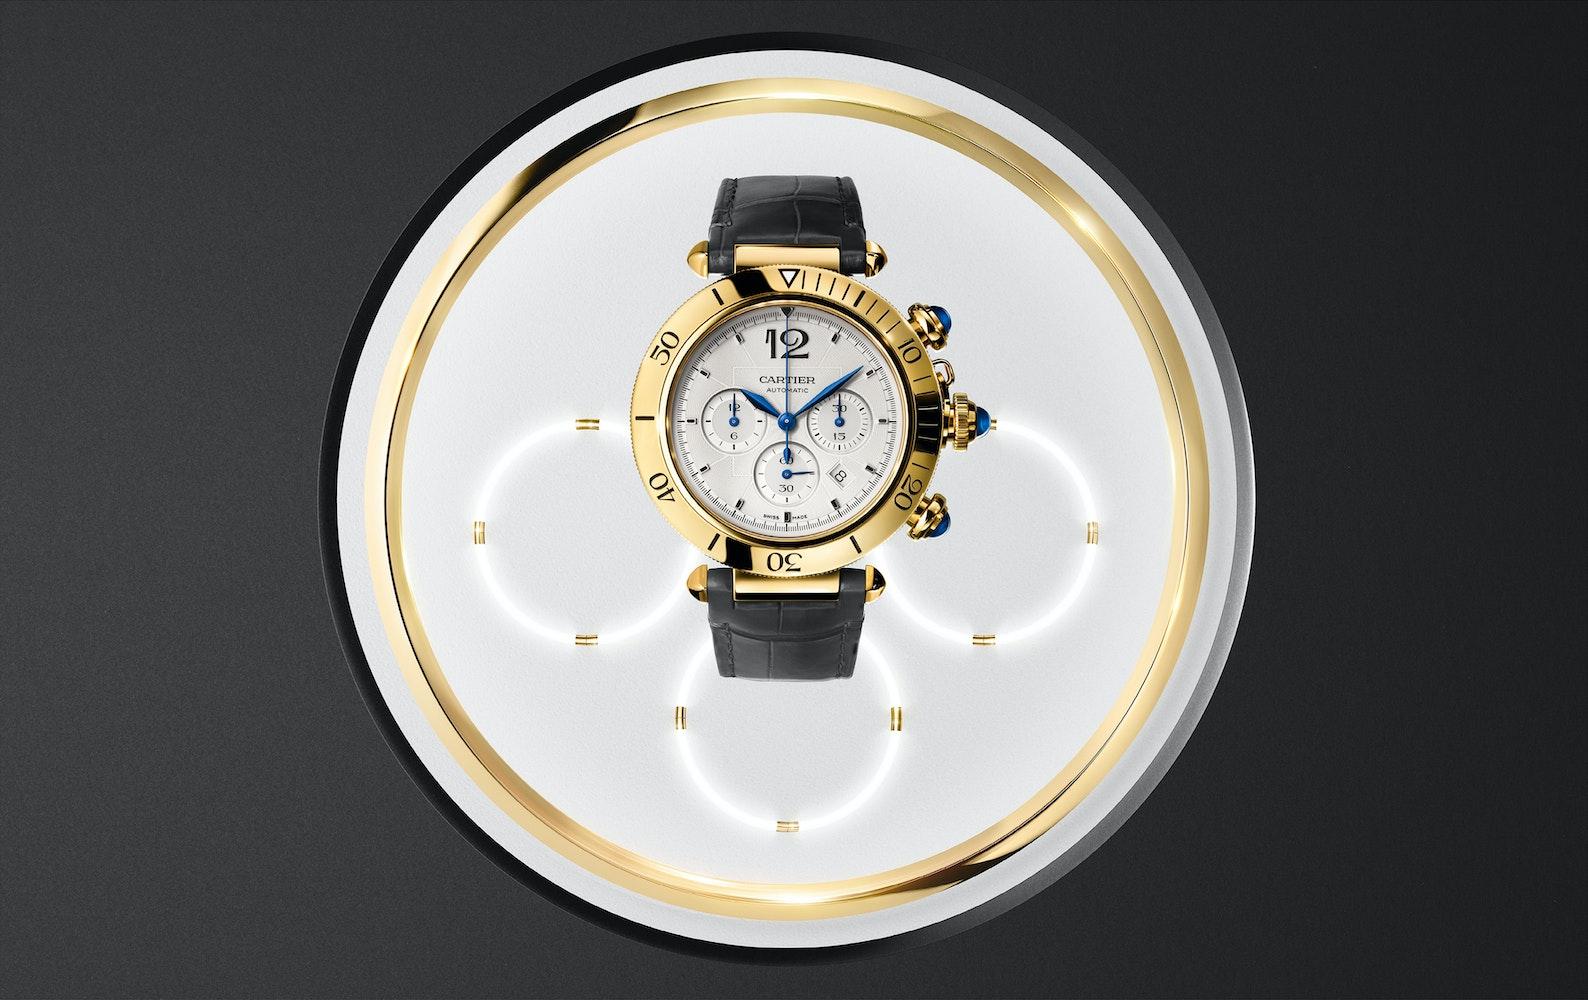 08 WGPA0017 Cartier Pasha de Cartier Chrono Gold 300 DPI